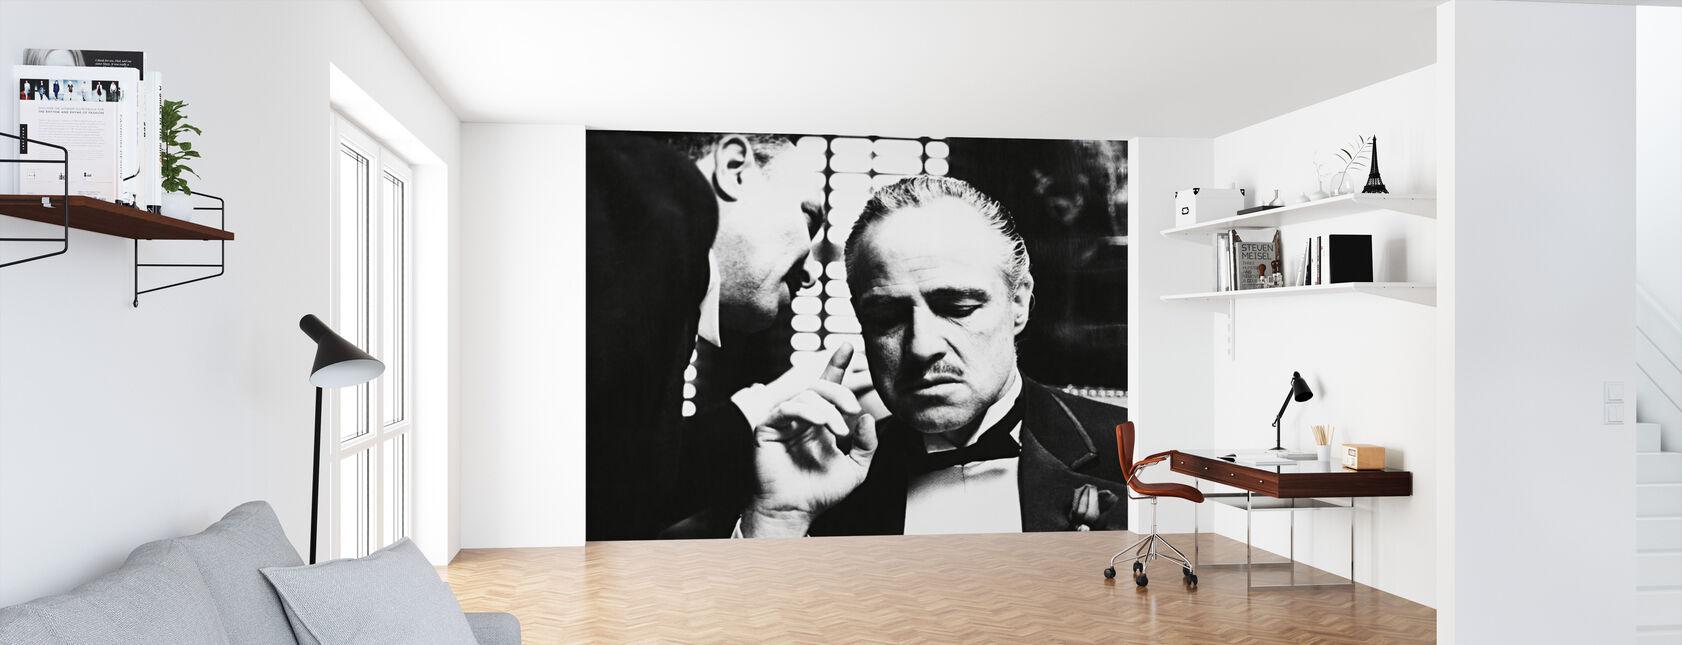 Marlon Brando in de Godfather - Behang - Kantoor